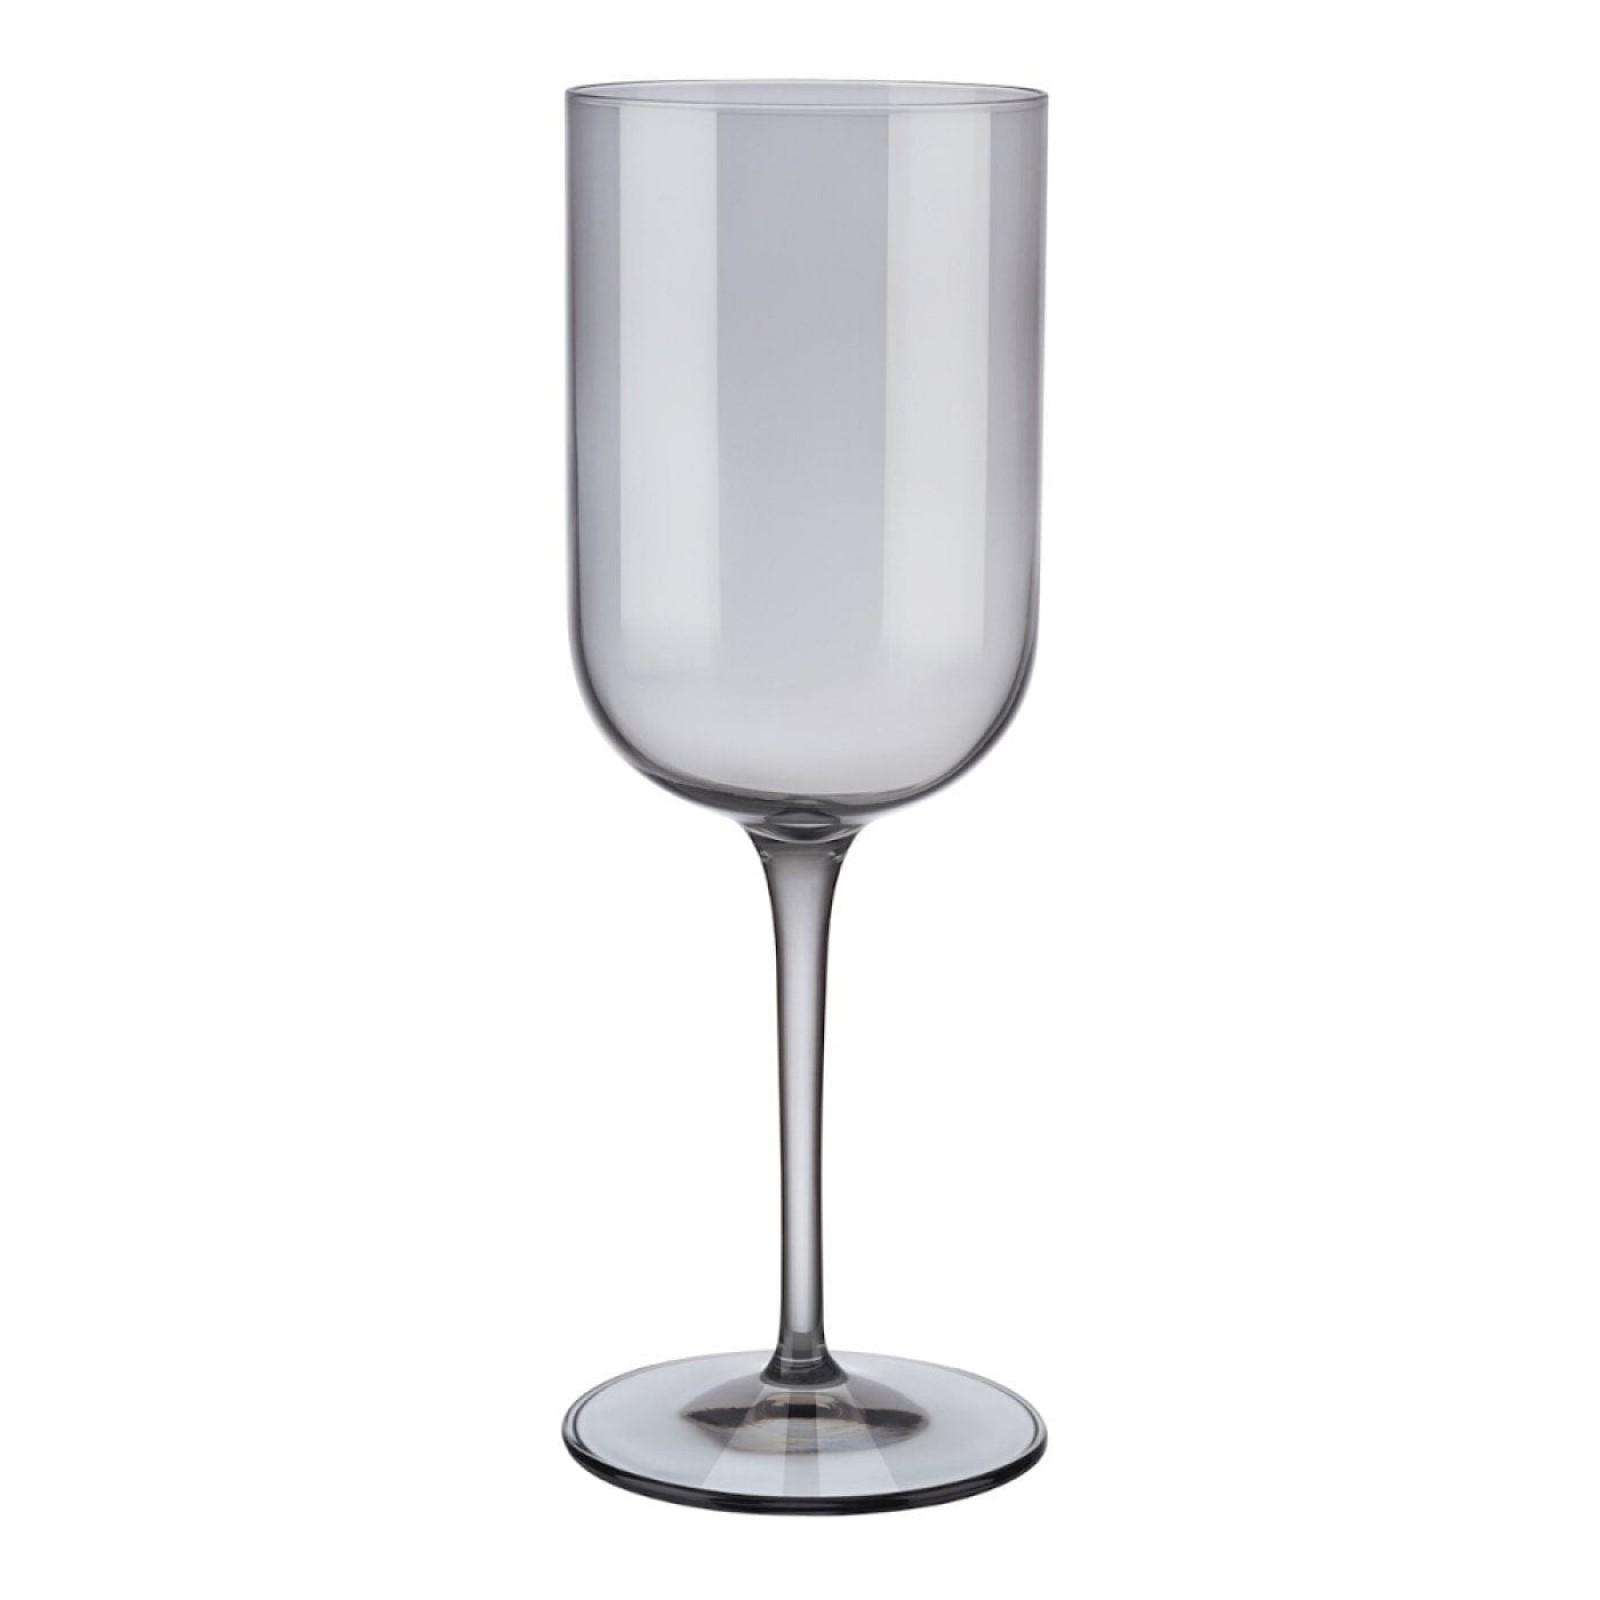 Ποτήρια Κόκκινου Κρασιού FUUM 400 ml Σετ των 4 (Γκρι Γυαλί) - Blomus